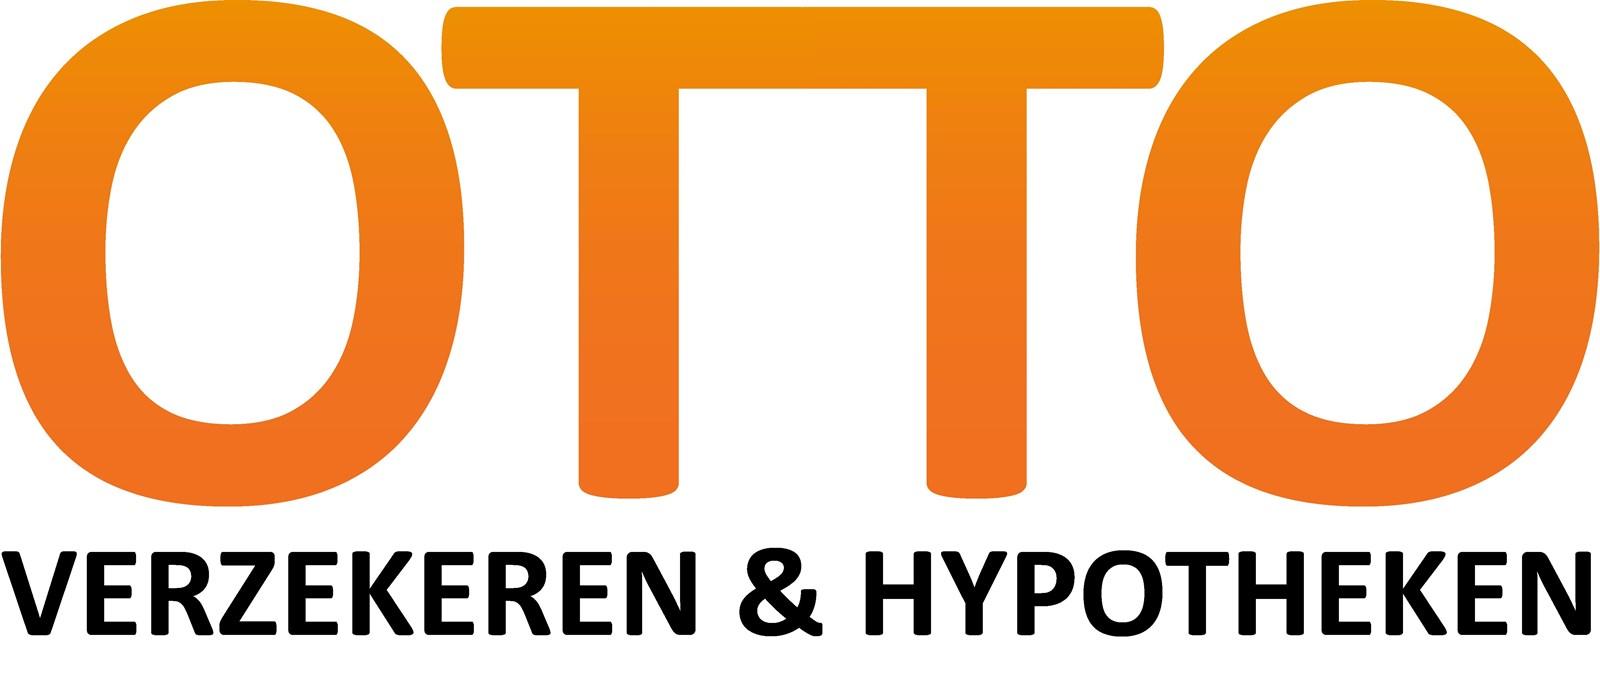 Logo van OTTO Verzekeren & Hypotheken